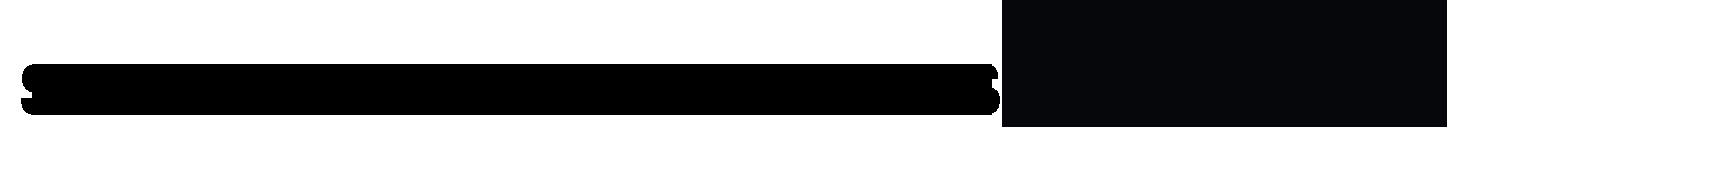 Distribuidores Oficiales PONGS